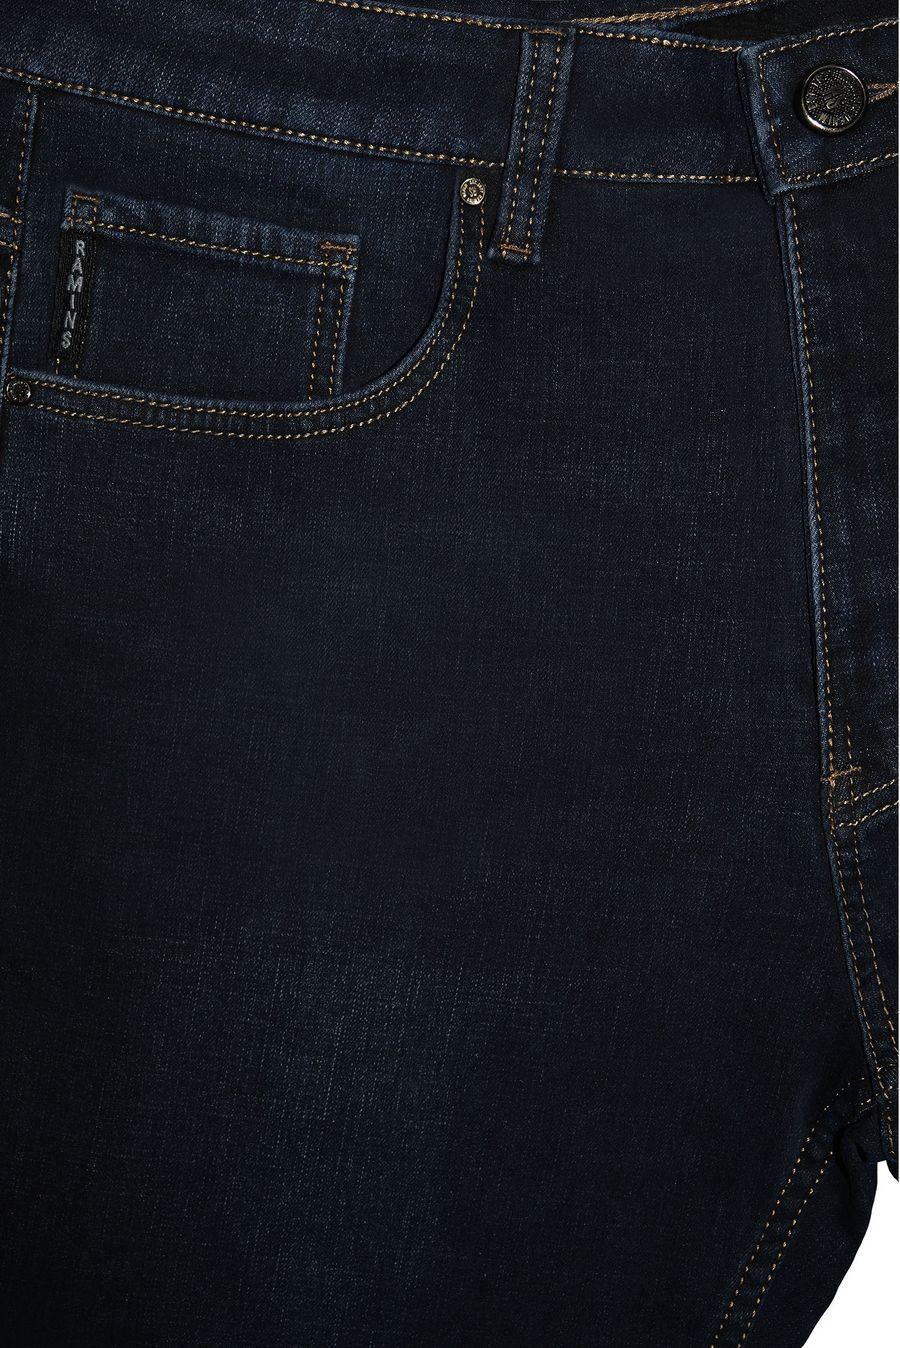 Джинсы мужские Ramins Denim RS4-6010 утепленные - фото 3